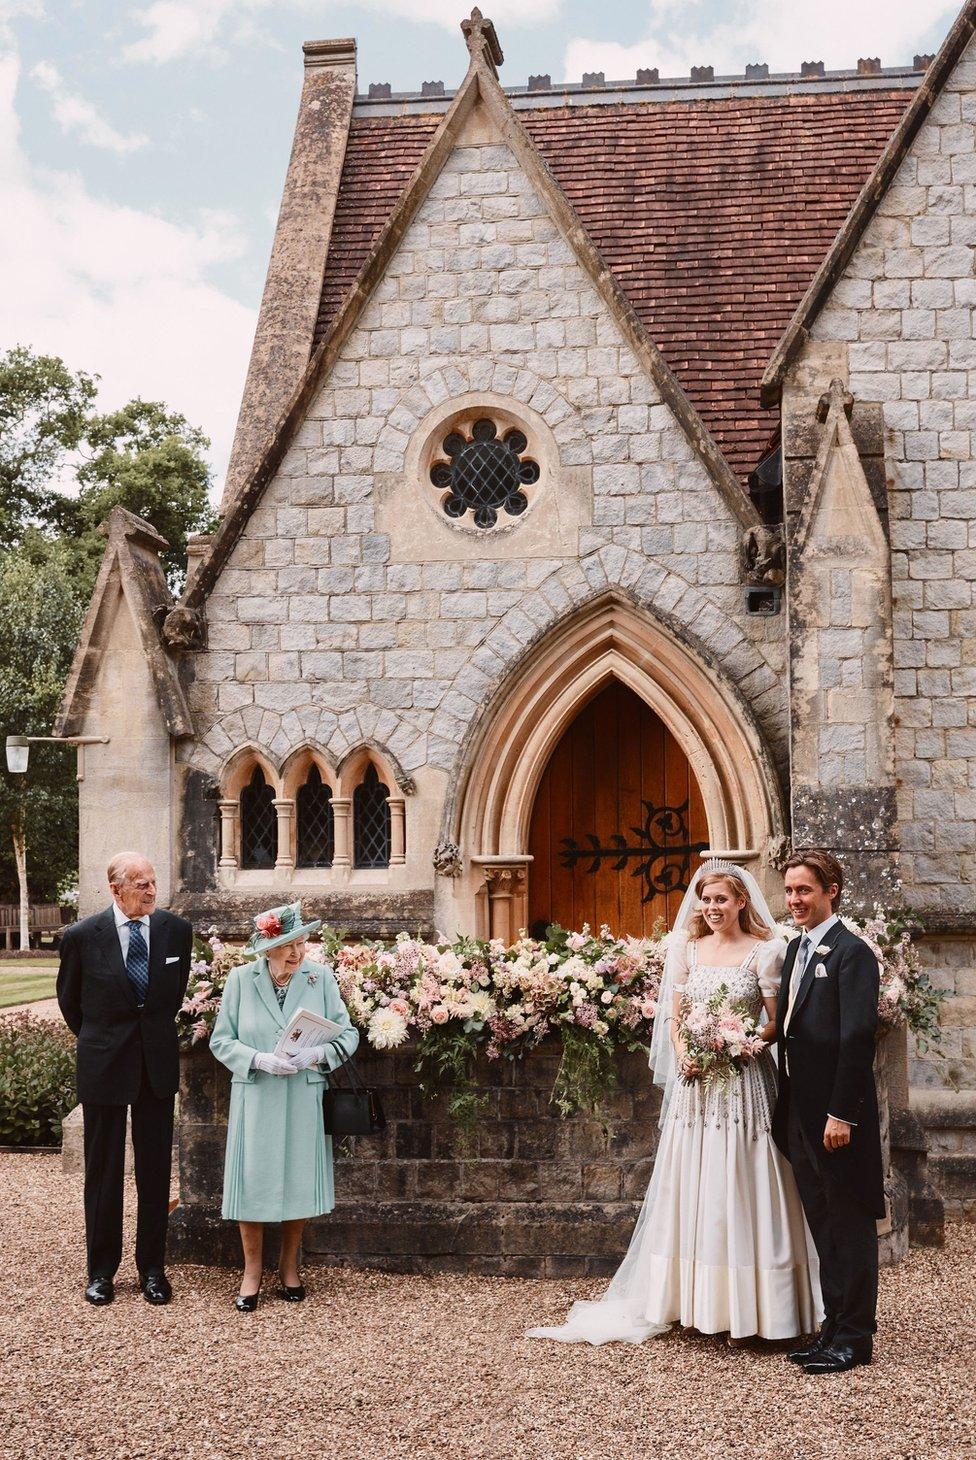 (從左至右)愛丁堡公爵菲利普親王、女王伊麗莎白二世、碧翠絲公主與夫君愛德華多·馬佩利·莫奇在溫莎諸聖皇家禮拜堂外合照(17/7/2020)